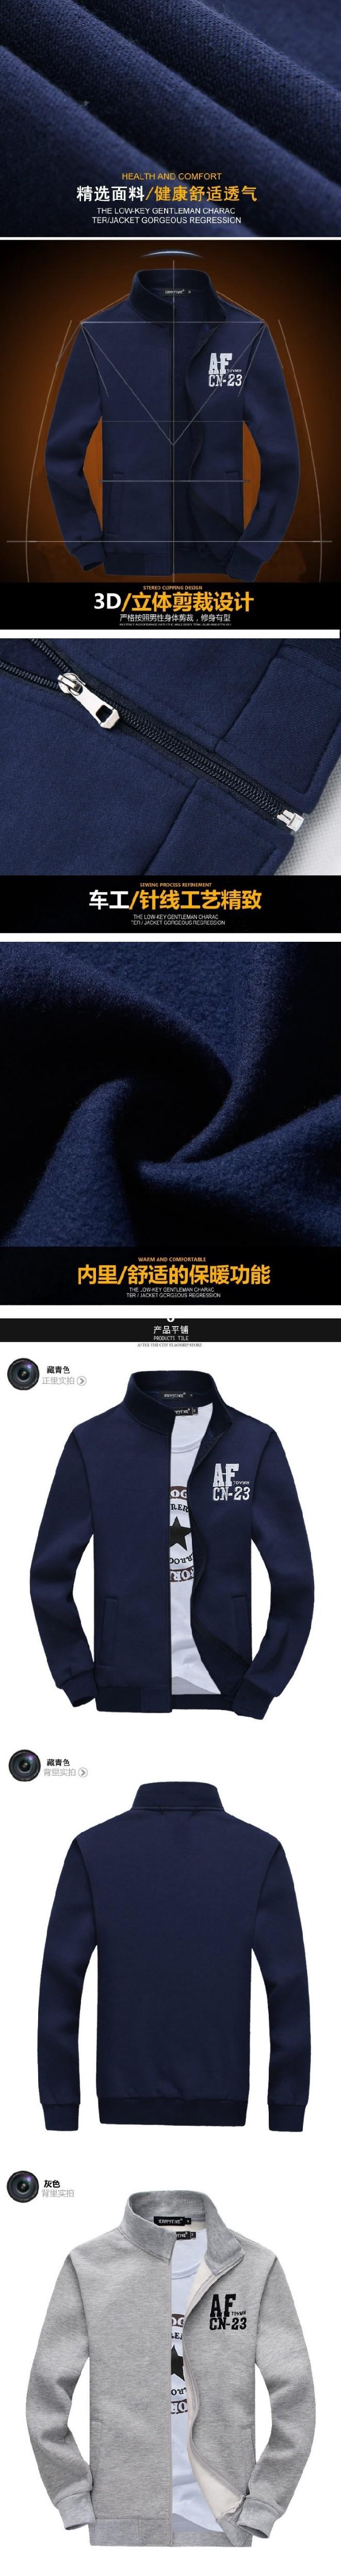 Nowy Cienki Sweterek Zamek Marka Sporta Kostiumu Dres Mężczyzn AF Bluzy Bluza + Spodnie Jogging Kostium 2 sztuk Zestaw Plus rozmiar M-3XL 2